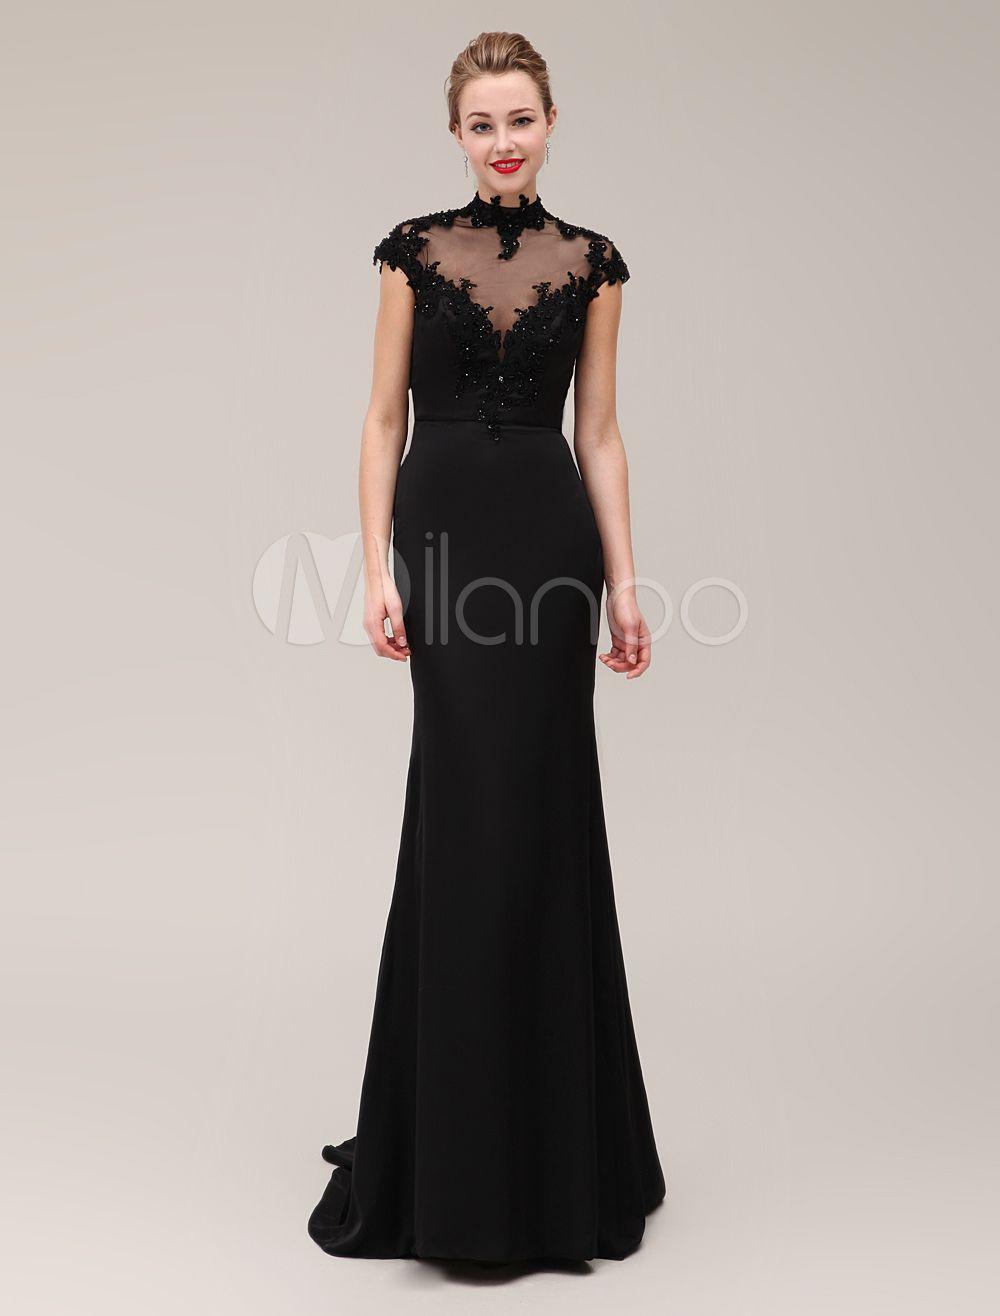 Abendkleid mit Schleppe in Schwarz | Abendkleider | Pinterest ...